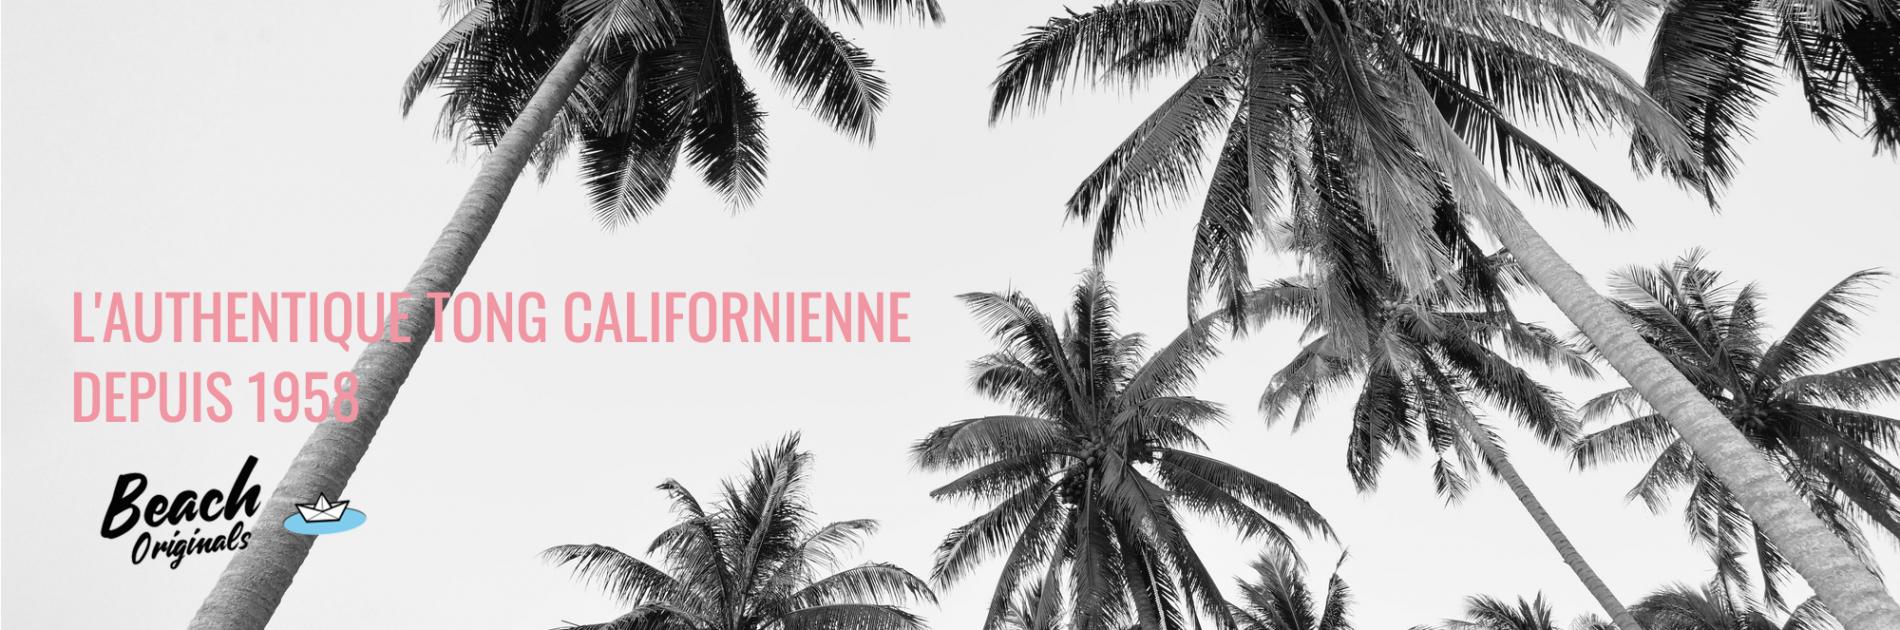 page d'accueil bureau Beach Originals sur fond de palmiers, texte couleur rose bubblegum et logo